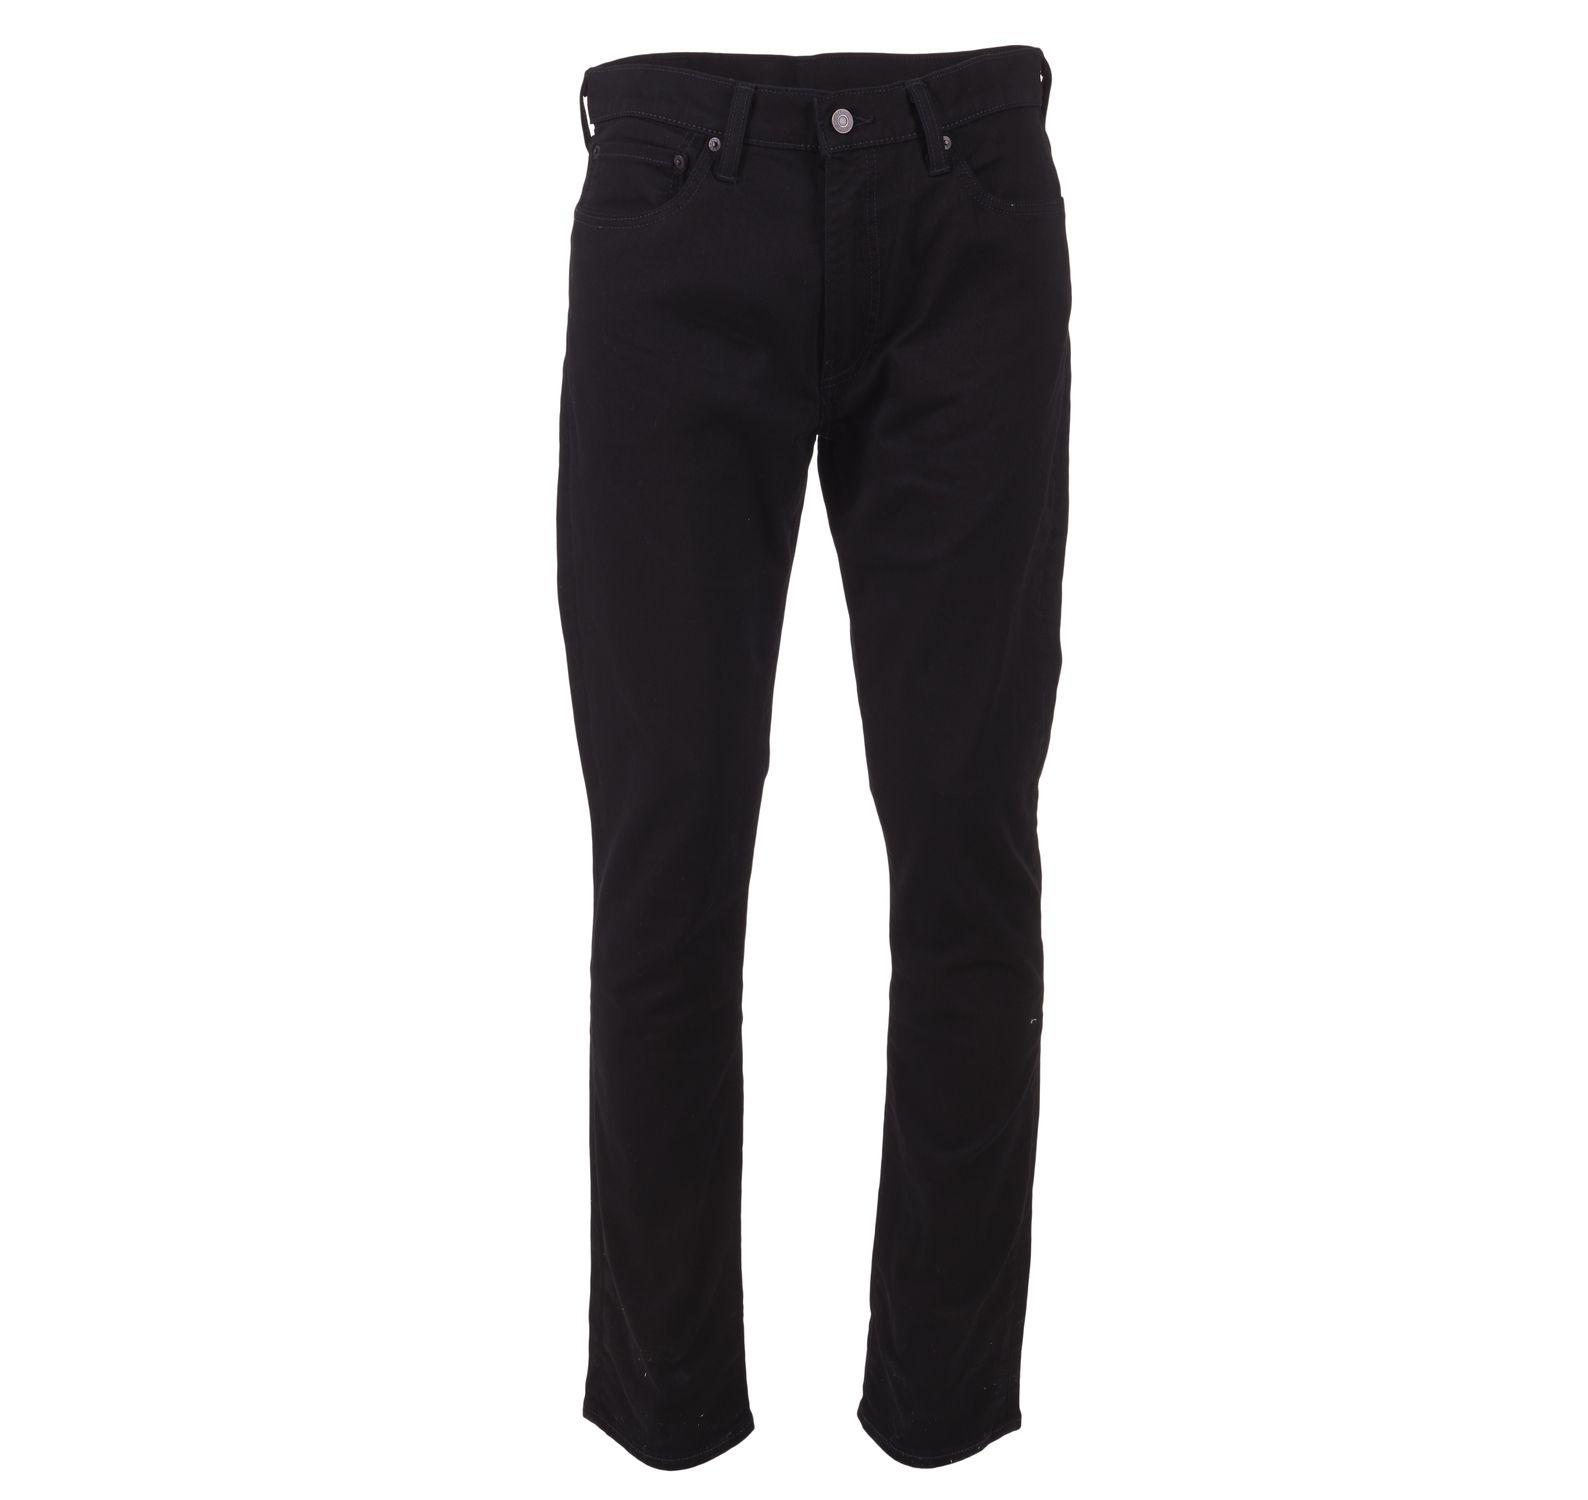 511 Moonshine, Blacks, 30/34,  Levi's Jeans